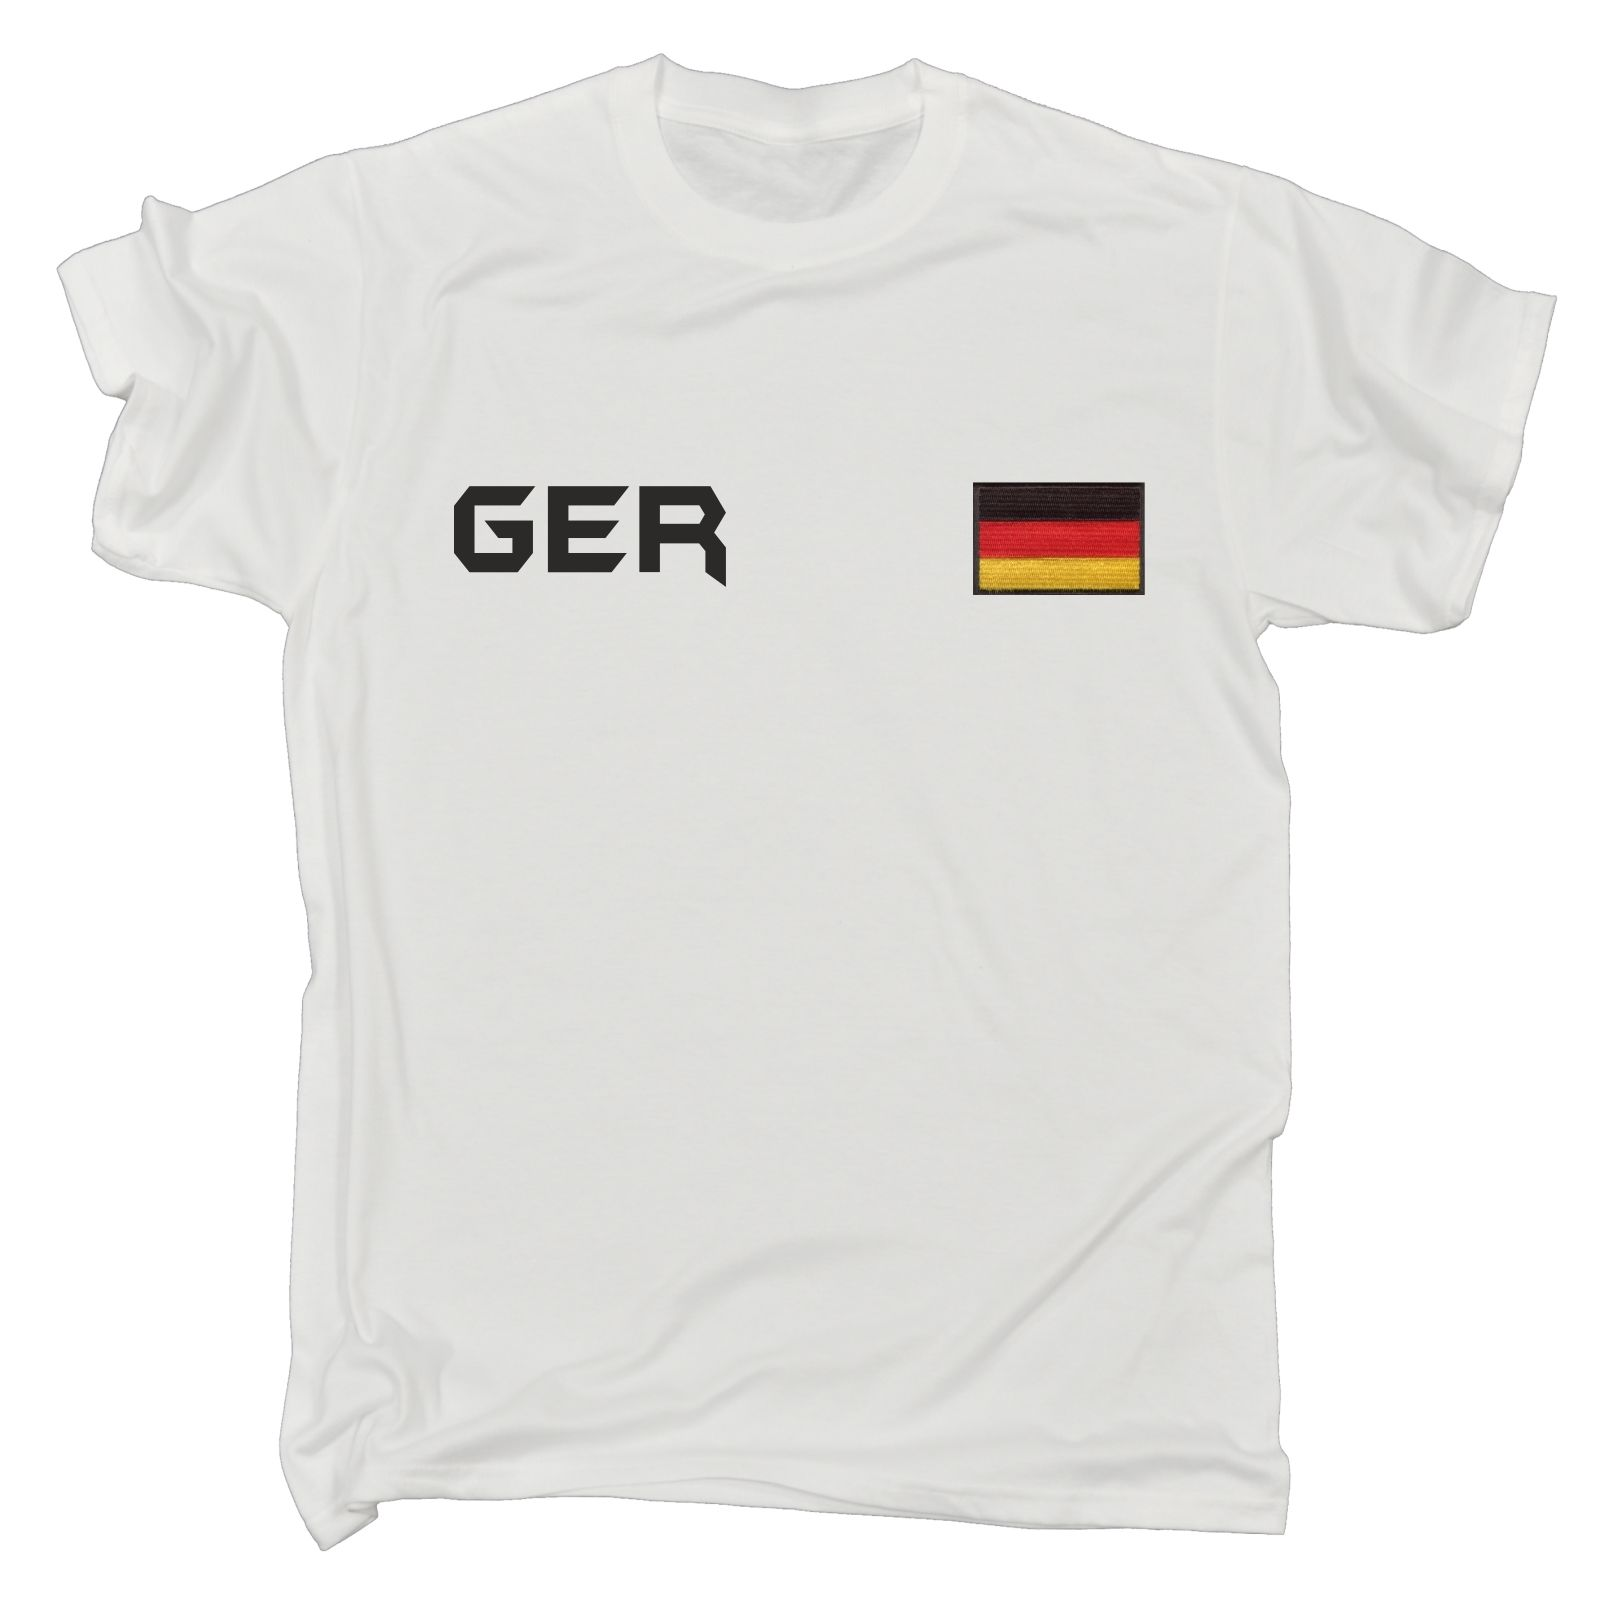 ¡Novedad de 2019! Camisetas a la moda de alta calidad para hombres, camiseta con bandera de Alemania, Camiseta deportiva alemana de fútbol Soccers, regalo de cumpleaños